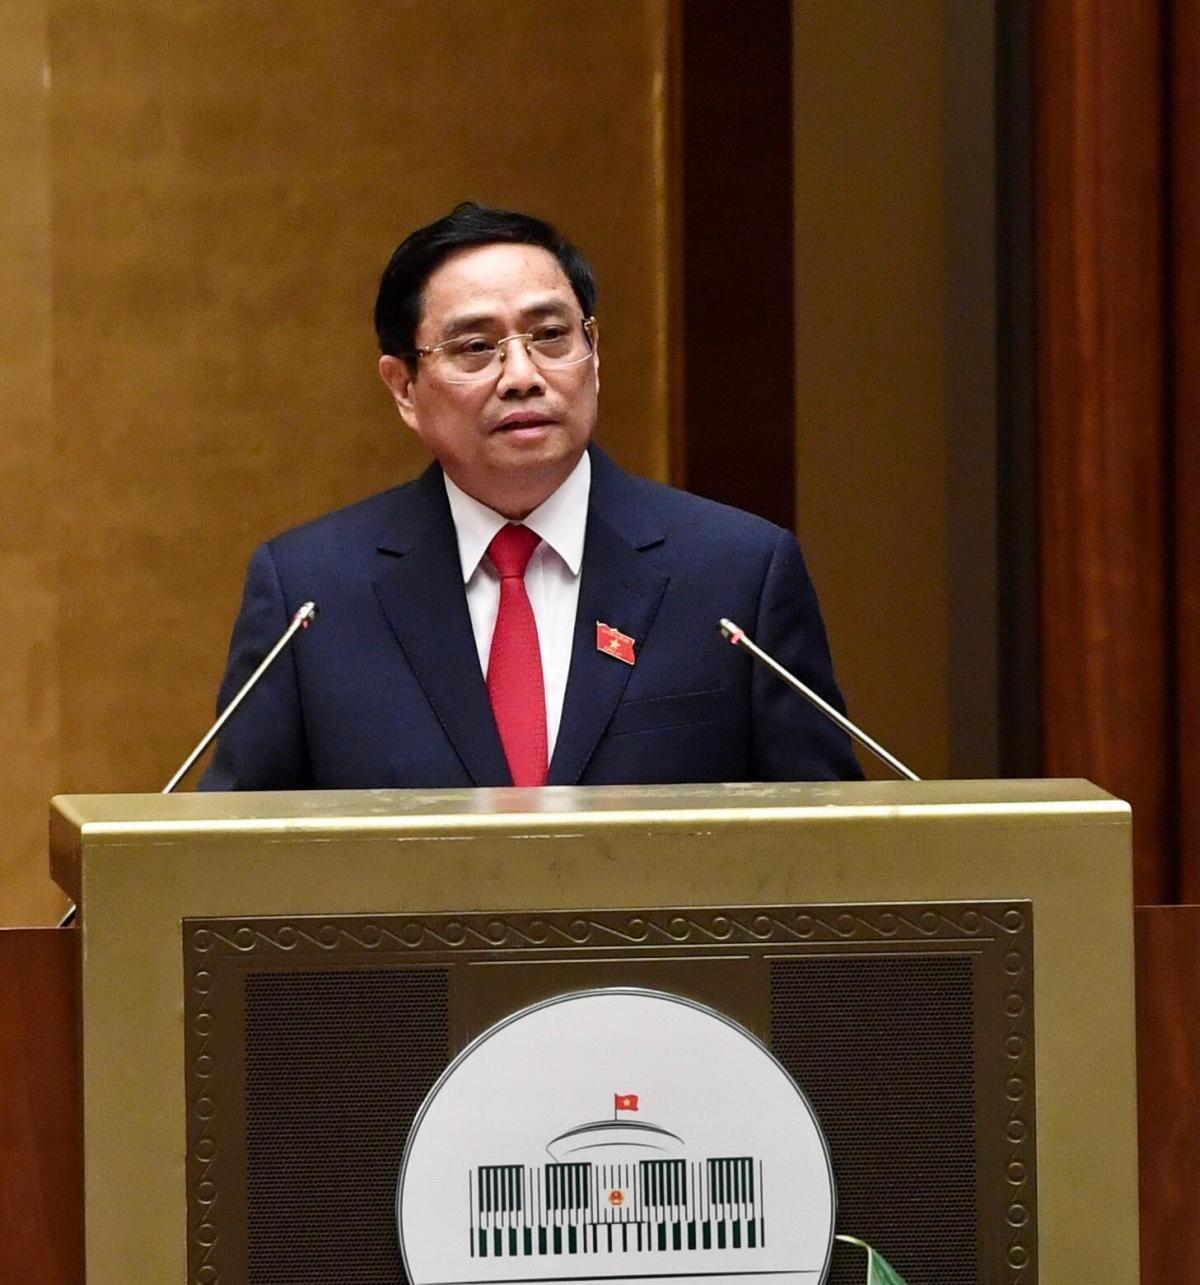 Ông Phạm Minh Chính – Thủ tướng Chính phủ nhiệm kỳ 2021-2026